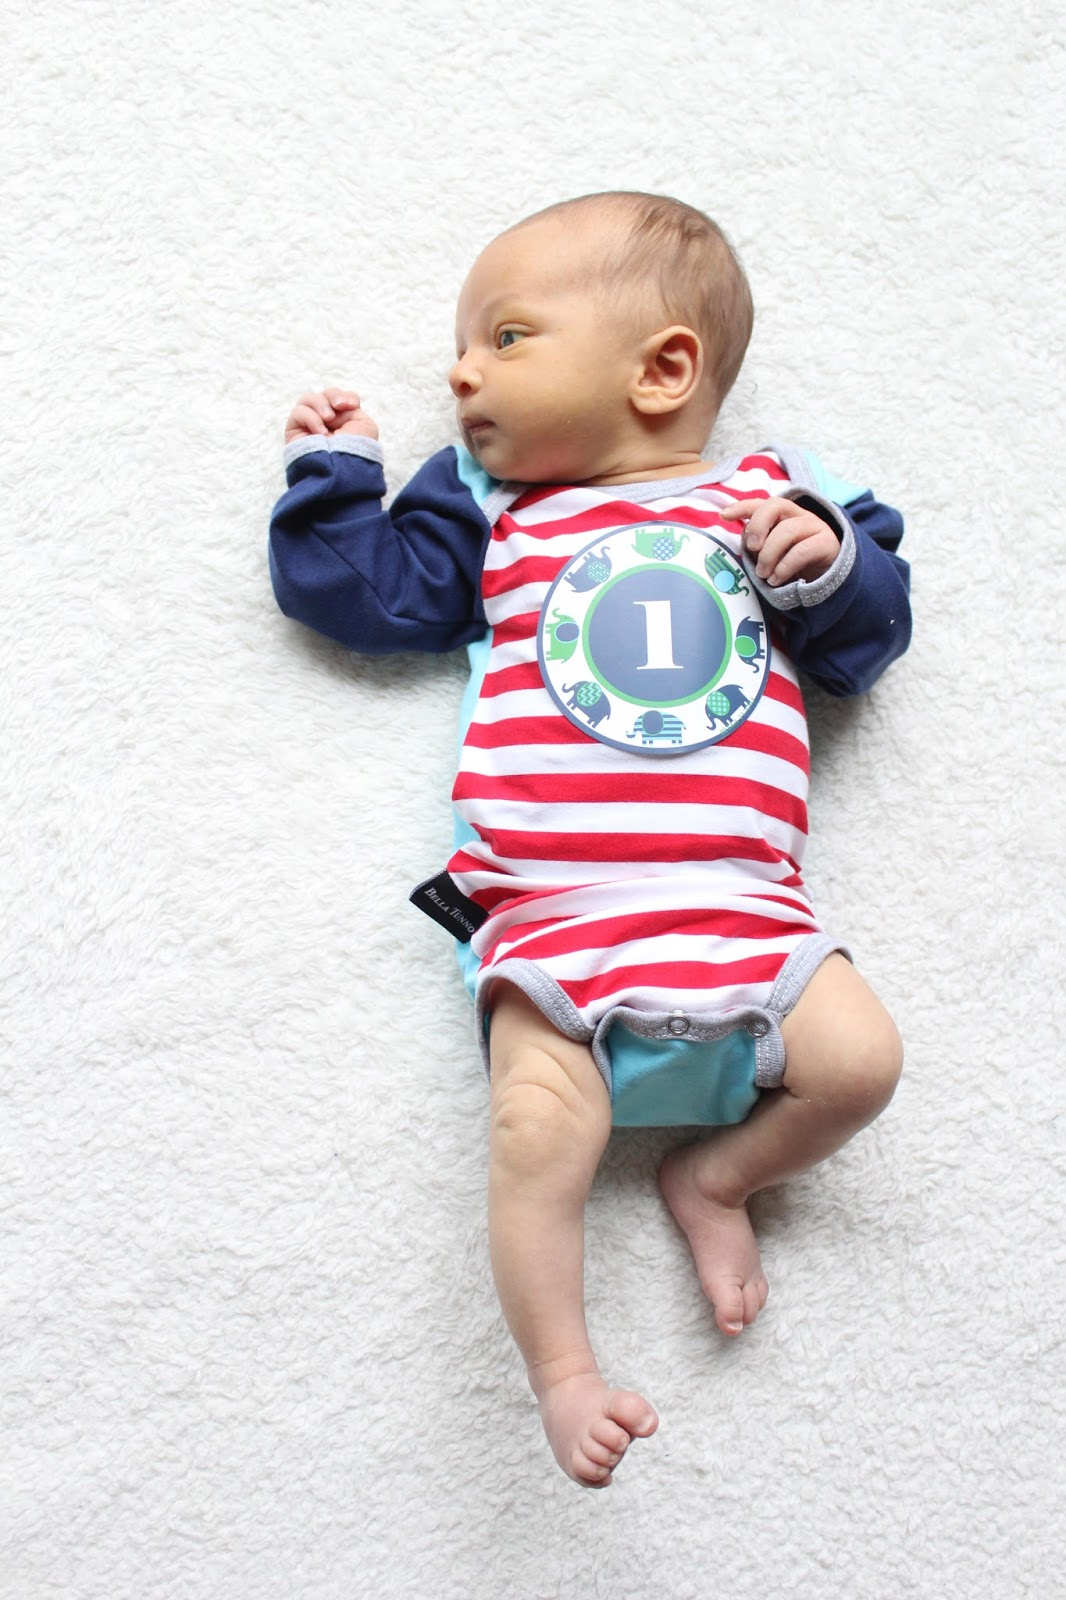 Baby Update: 1 month old, sticker onesie